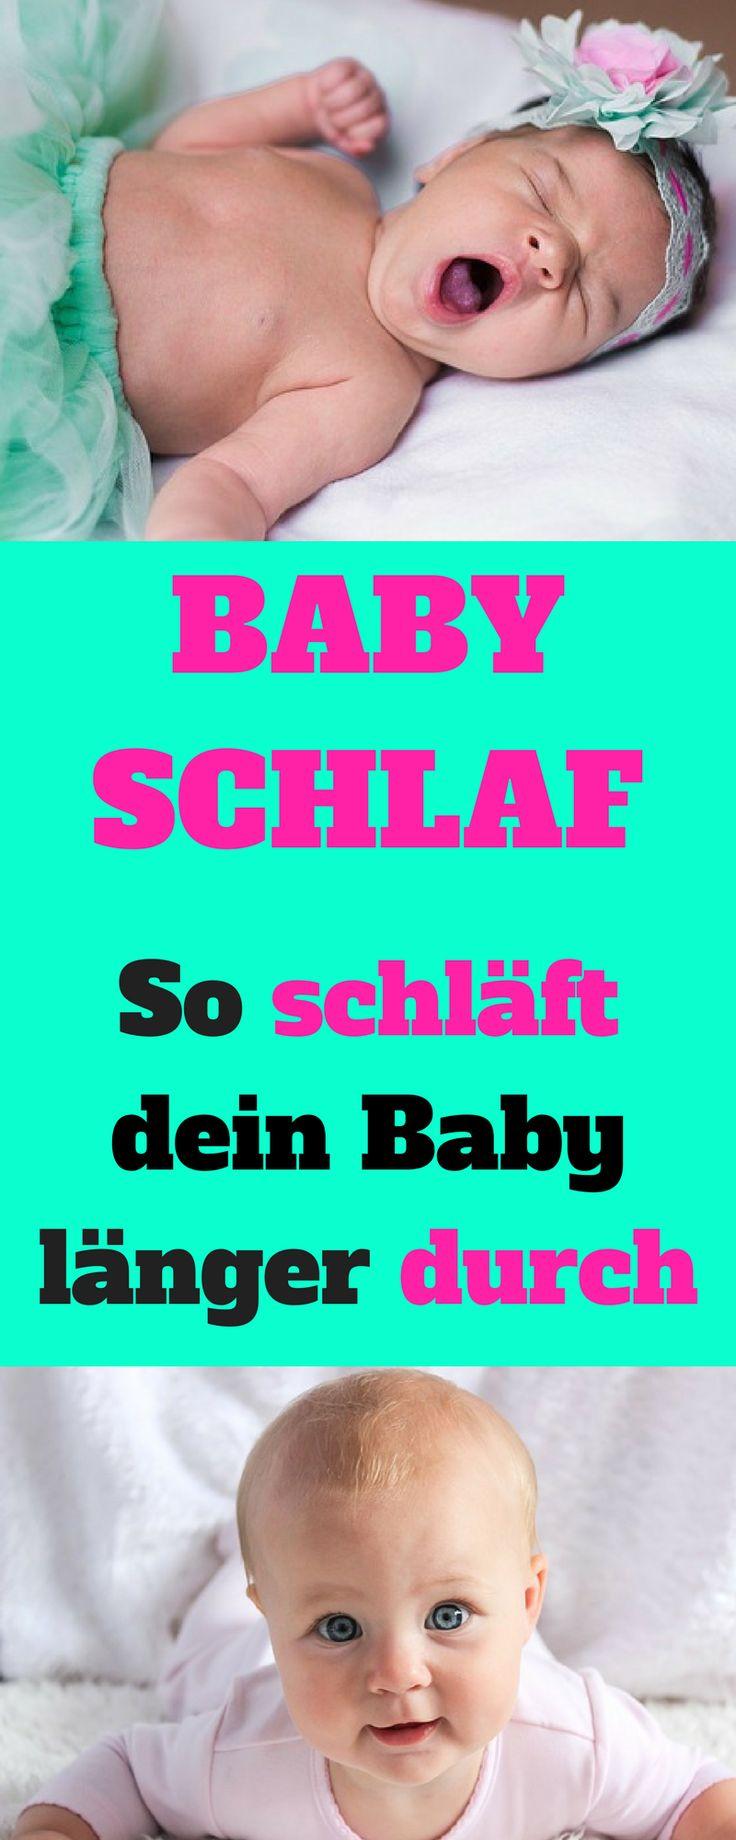 Vermeide diese Anfänger Fehler, damit dein Baby leichter einschläft und besser durchschläft. Innerhalb von 7 Tagen kann der Schlaf deines Babys deutlich besser werden. Baby Schlafprogramm, Baby einschlafen, Baby schlafen, 3 Monats Koliken, Baby schreien lassen, Baby weint, Einschlafritual Baby, baby einschlafen ohne brust, baby einschlafen ohne schnuller #baby